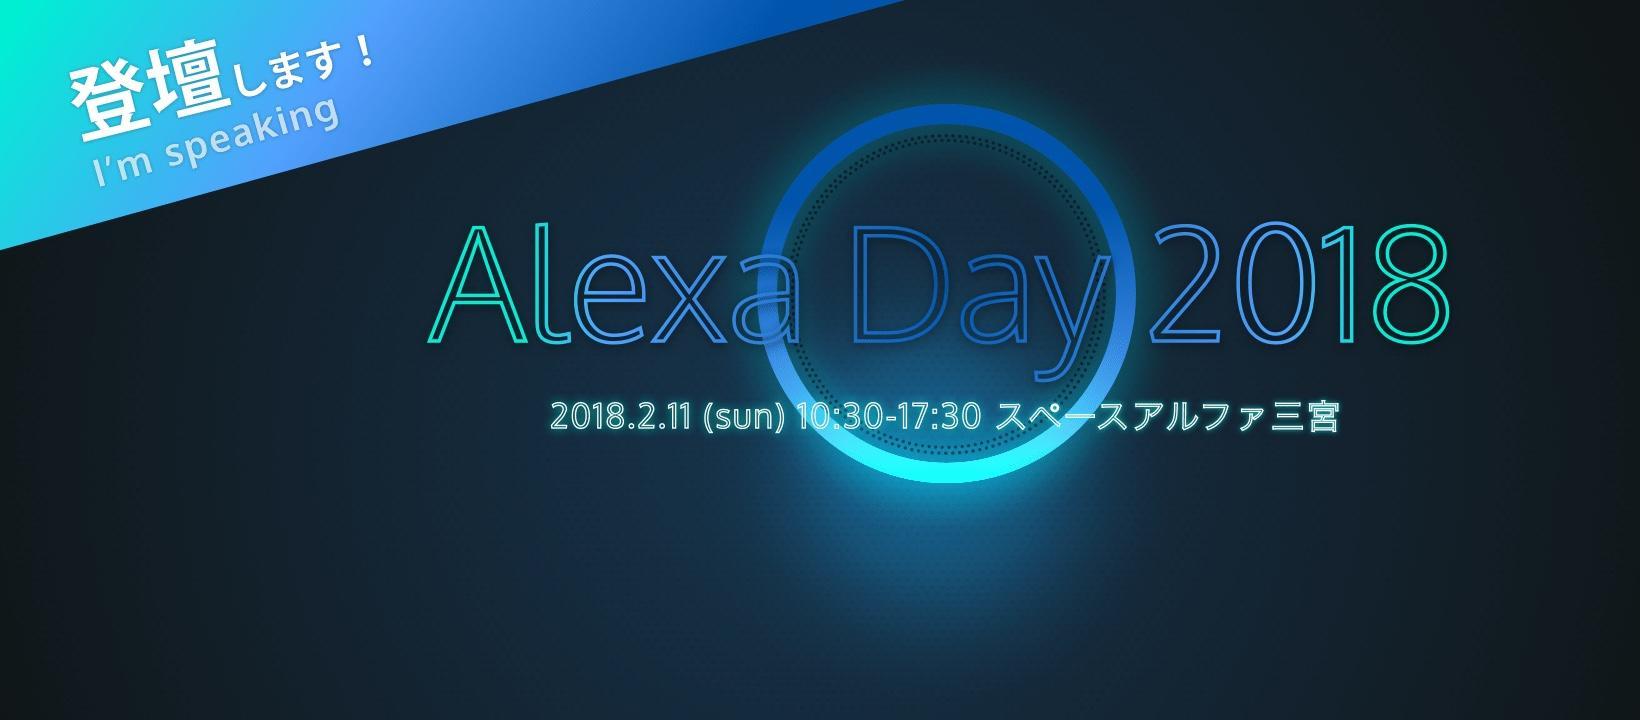 【神戸2/11】Alexa Day 2018にて当社の大石、坂本が登壇いたします